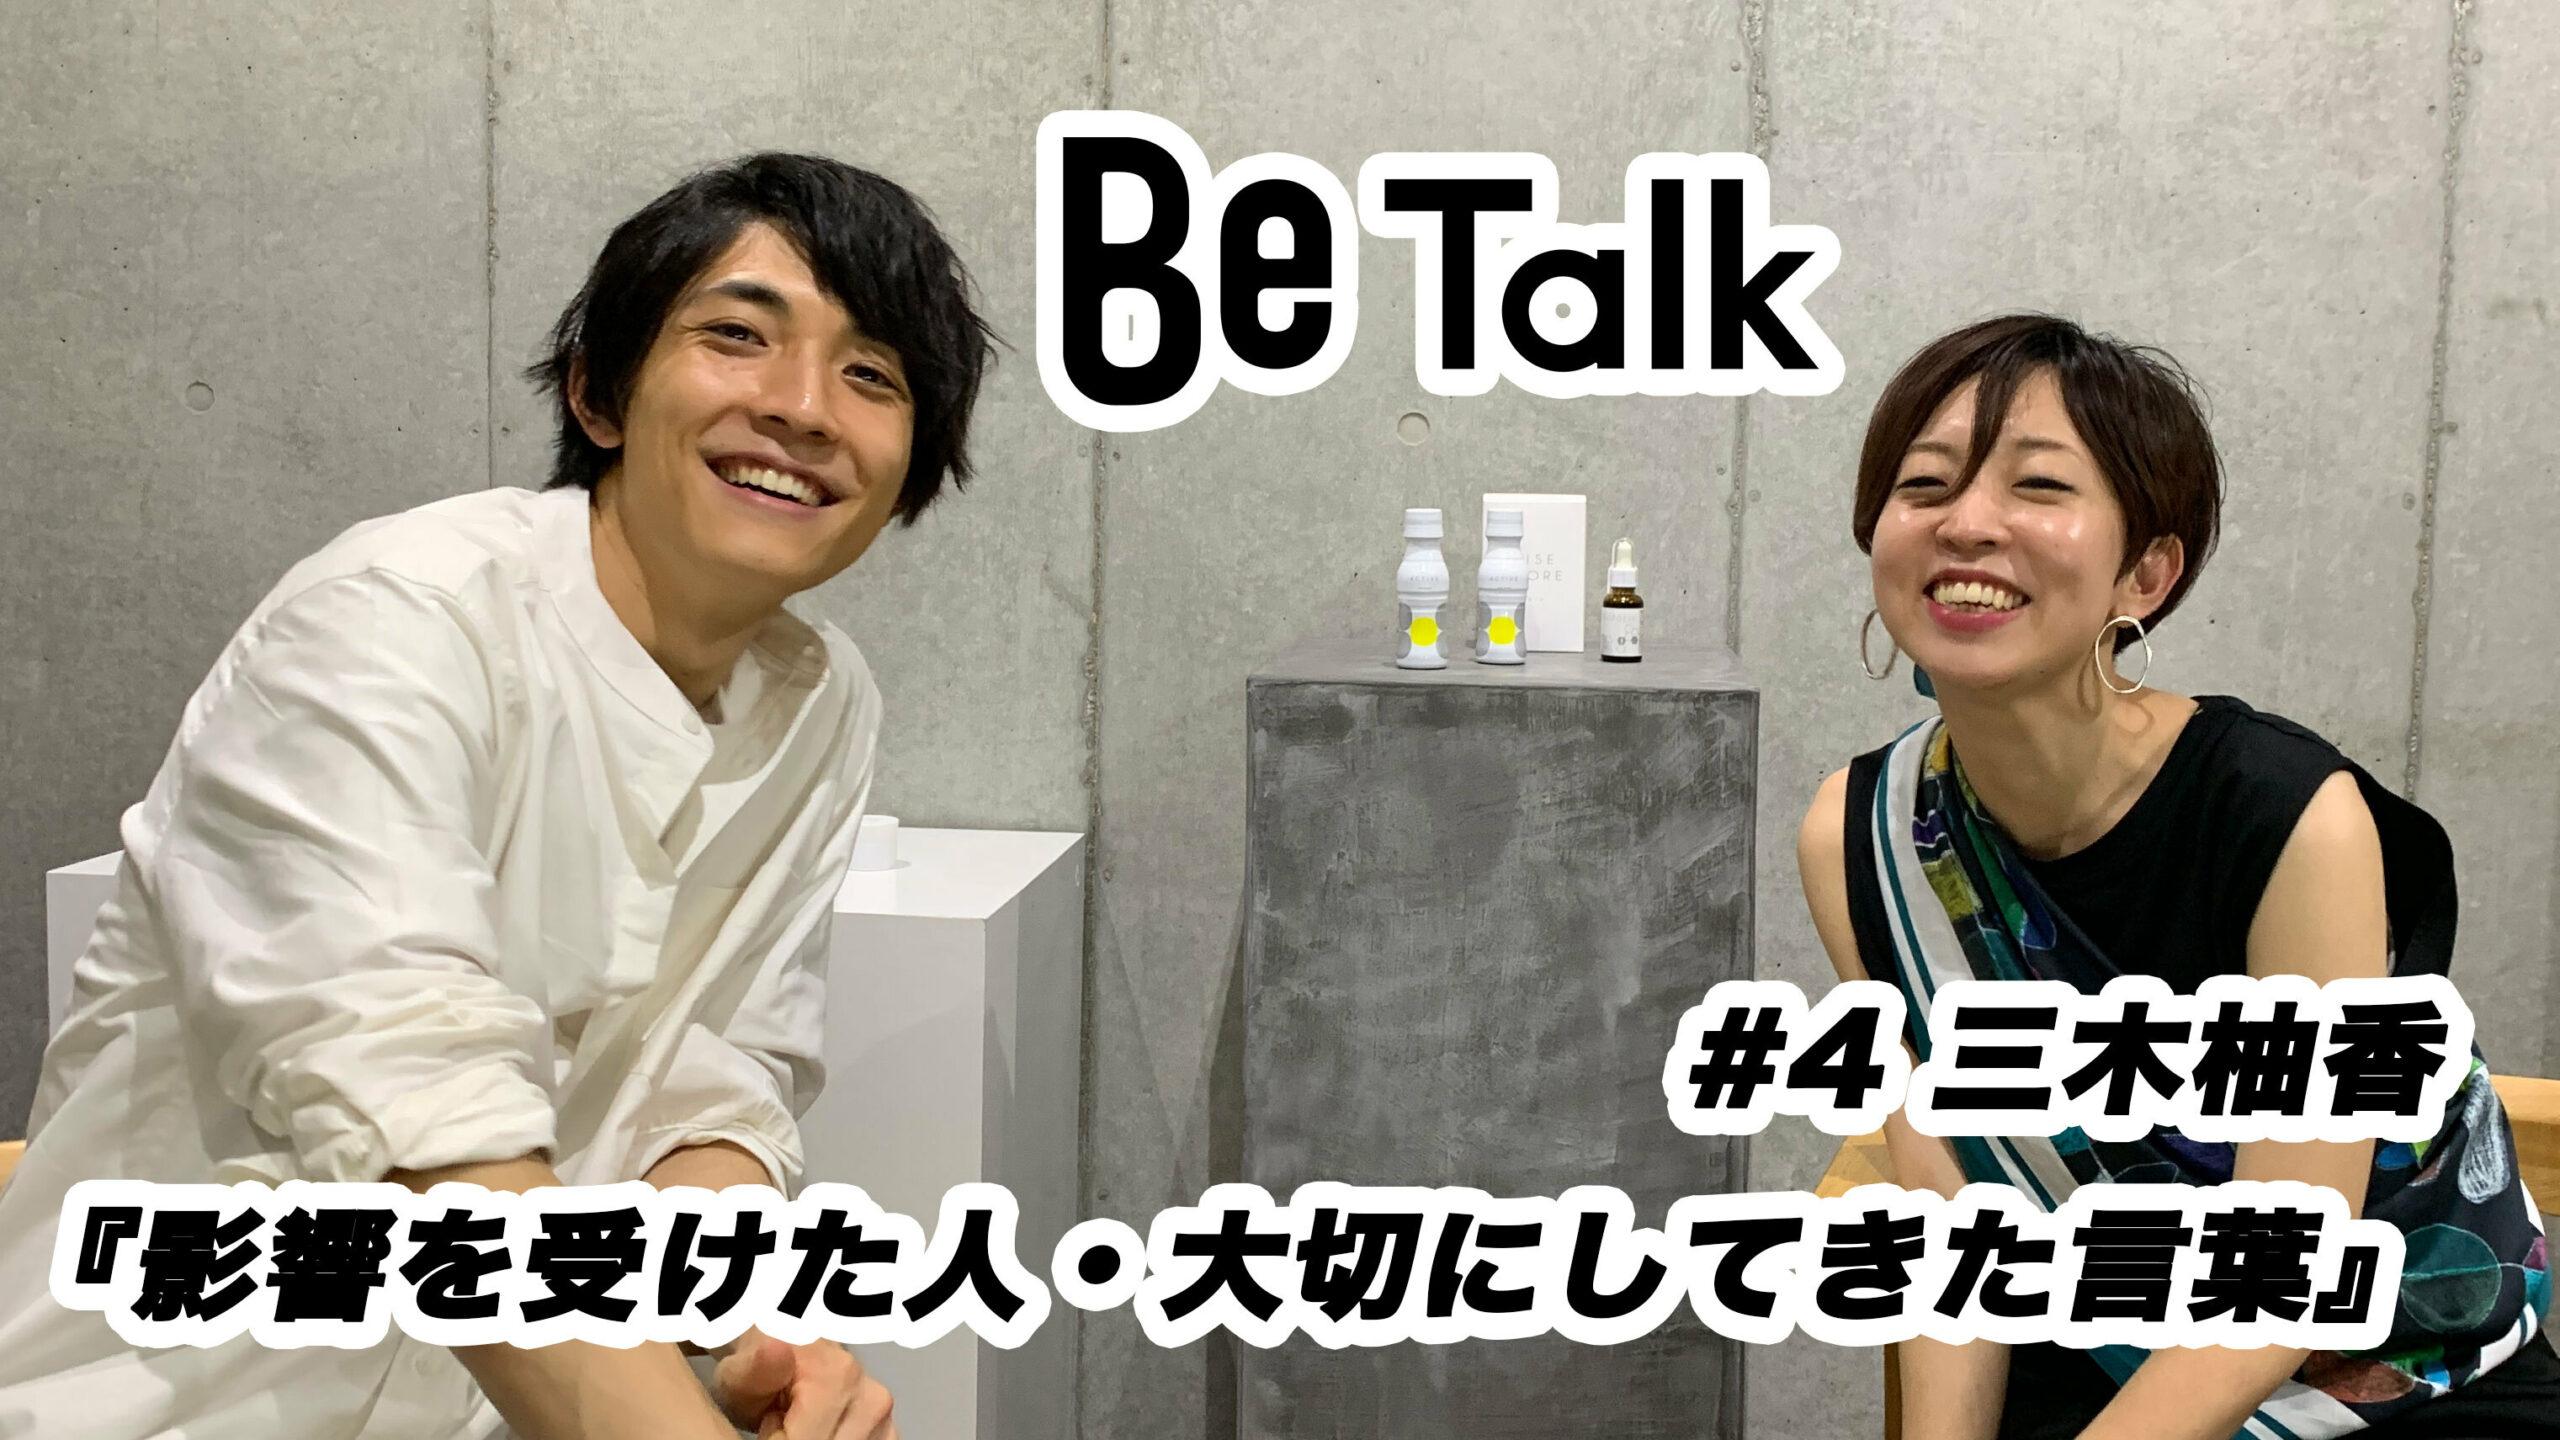 BeTalk 三木柚香 さん